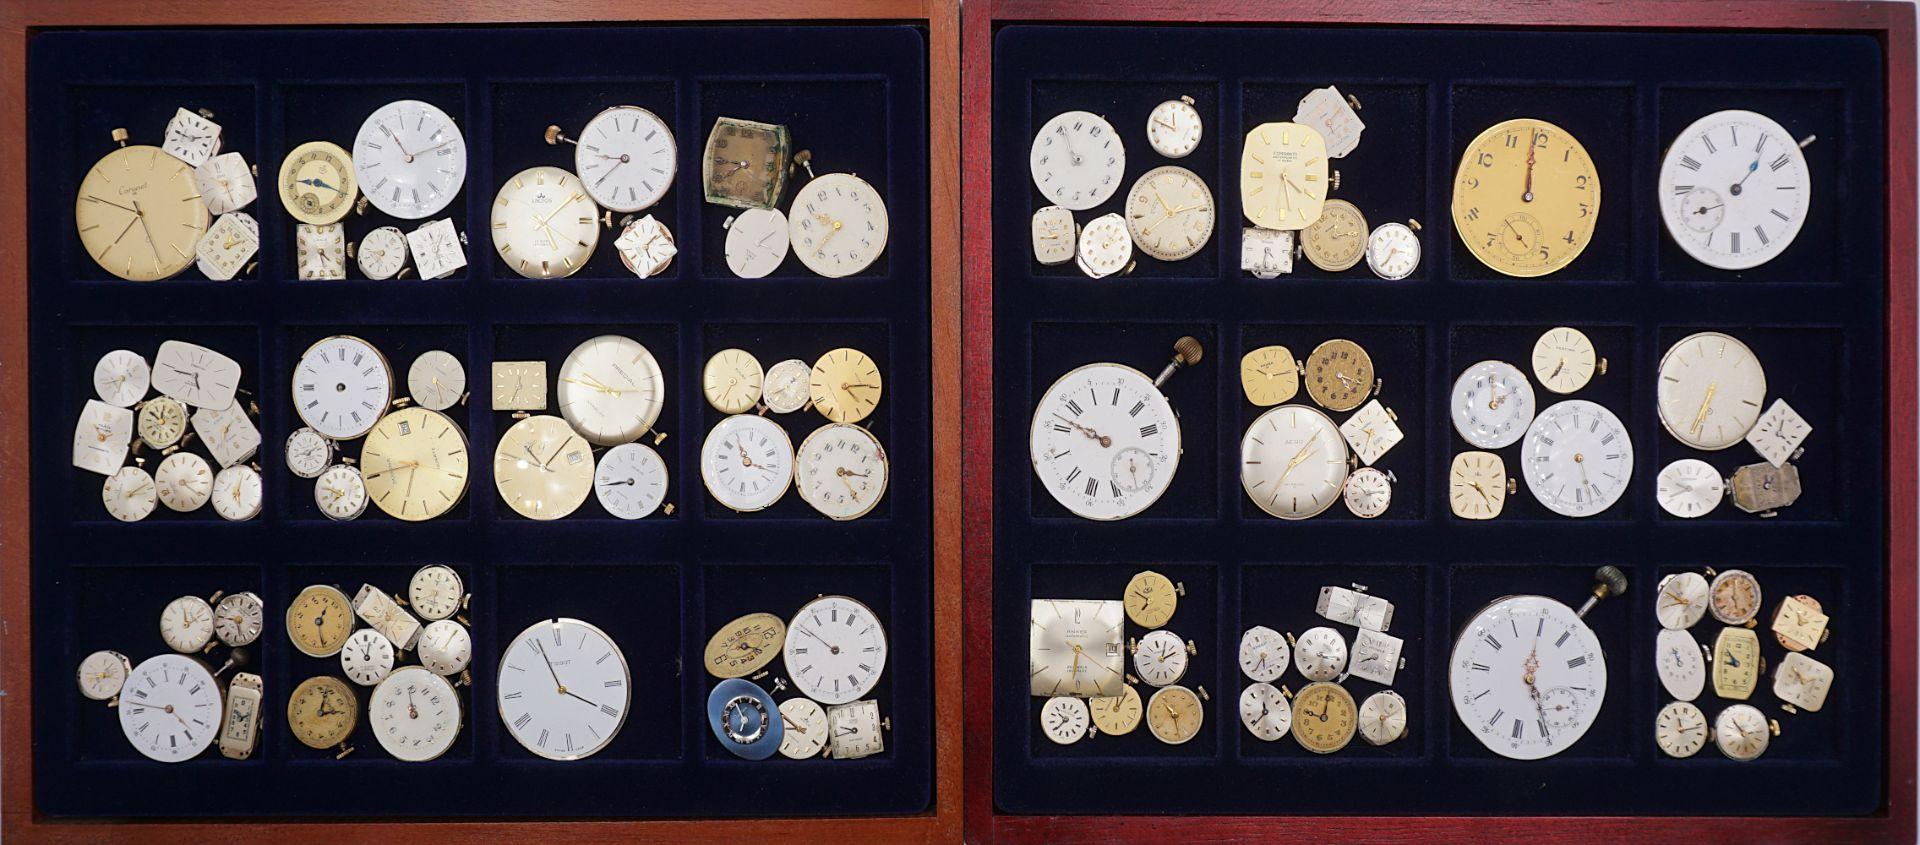 1 Konv. Uhrwerke für Taschen-/ Armbanduhren z.T. um 1900/ 20. Jh. in 4 Schatullen - Bild 2 aus 2